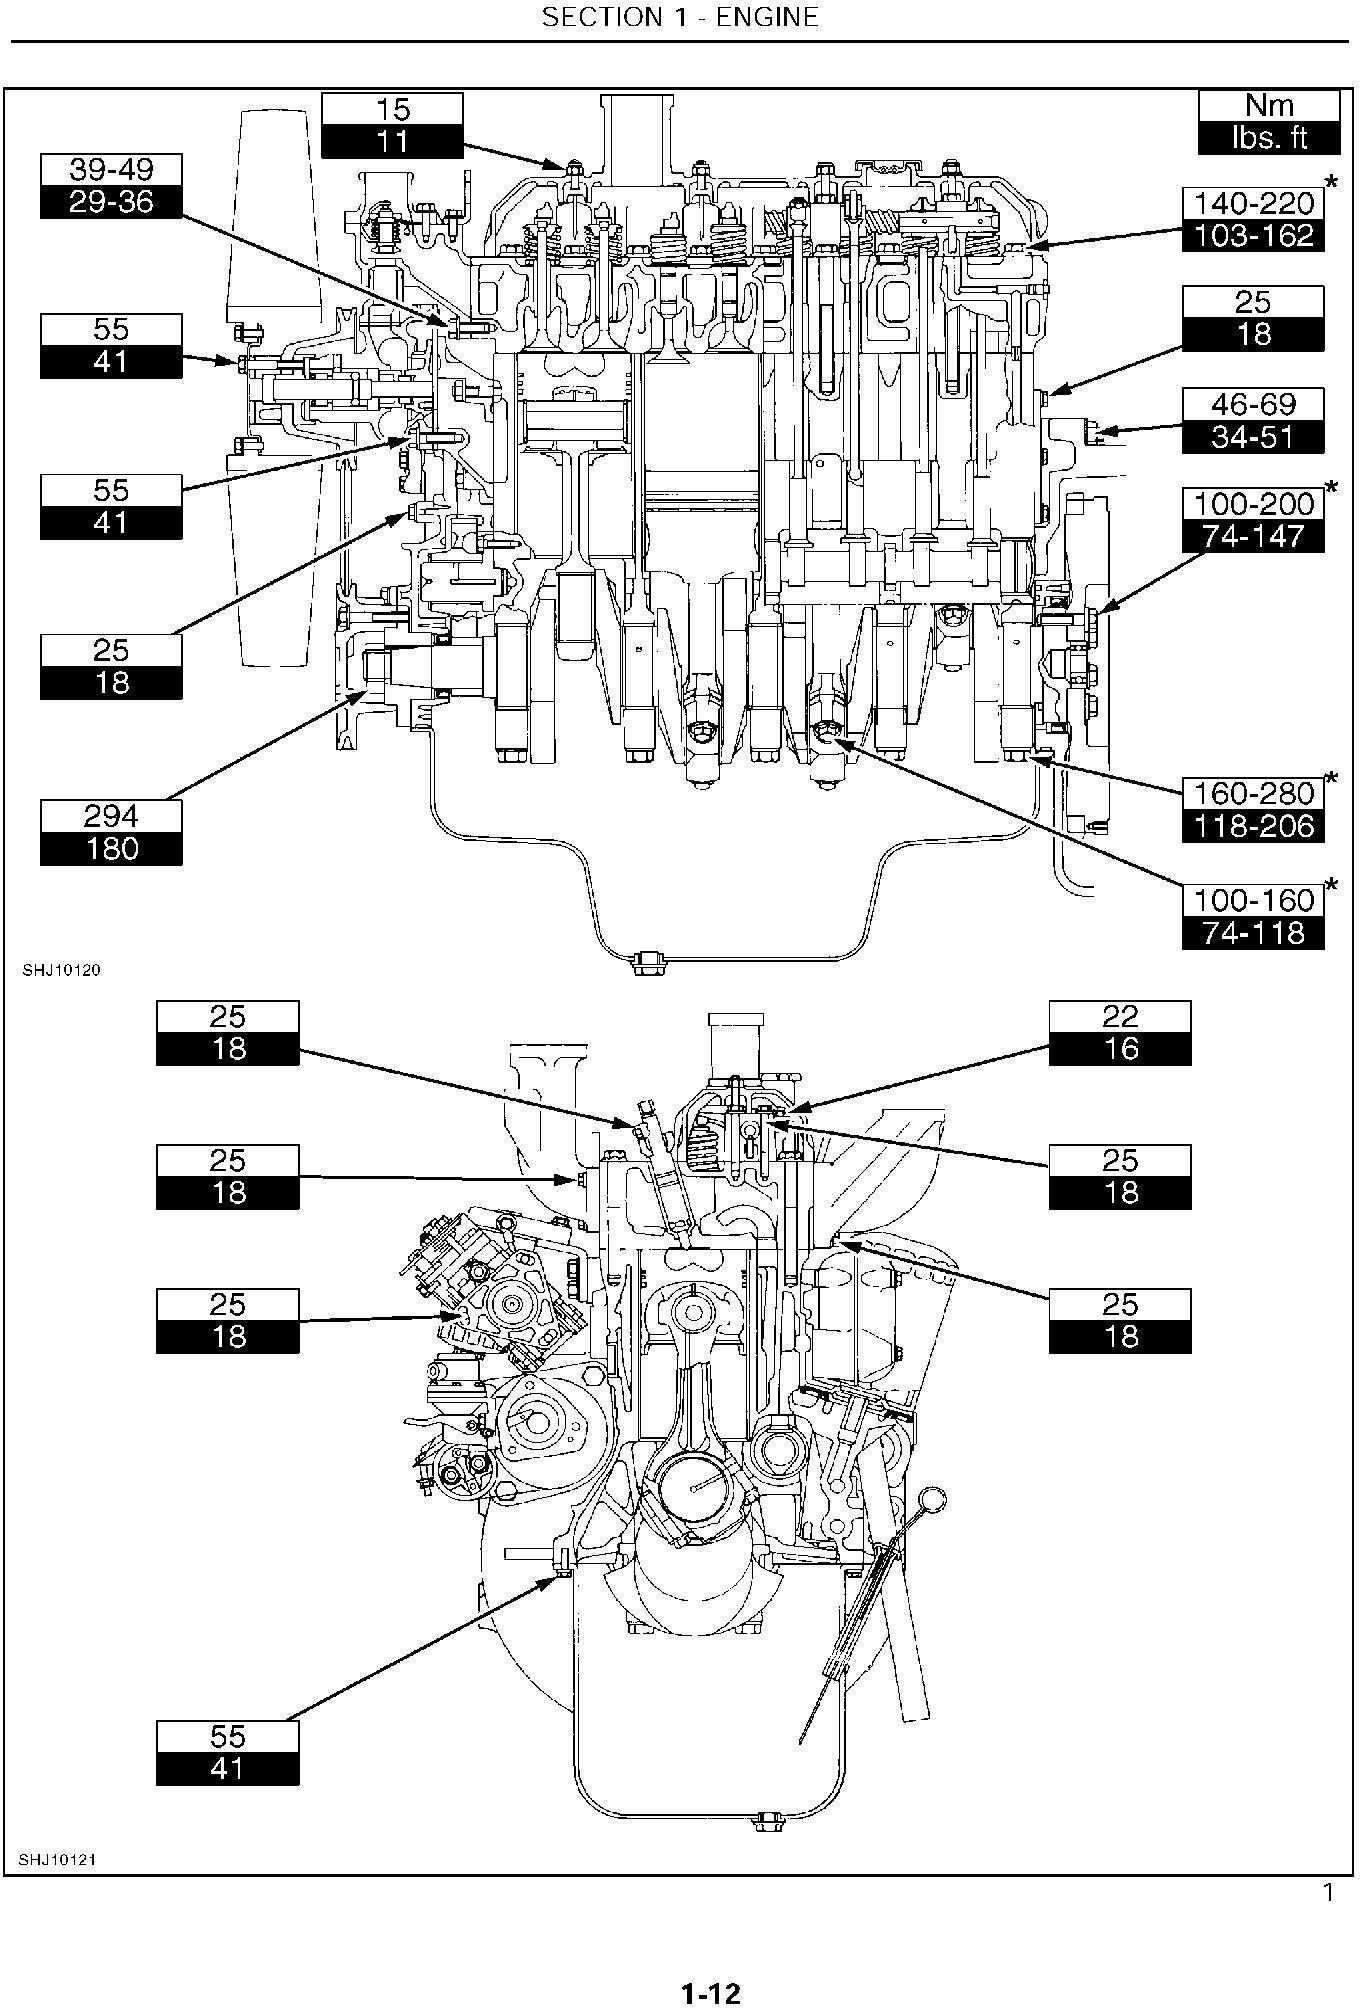 New Holland LB75 Backhoe Loader Service Manual - 1